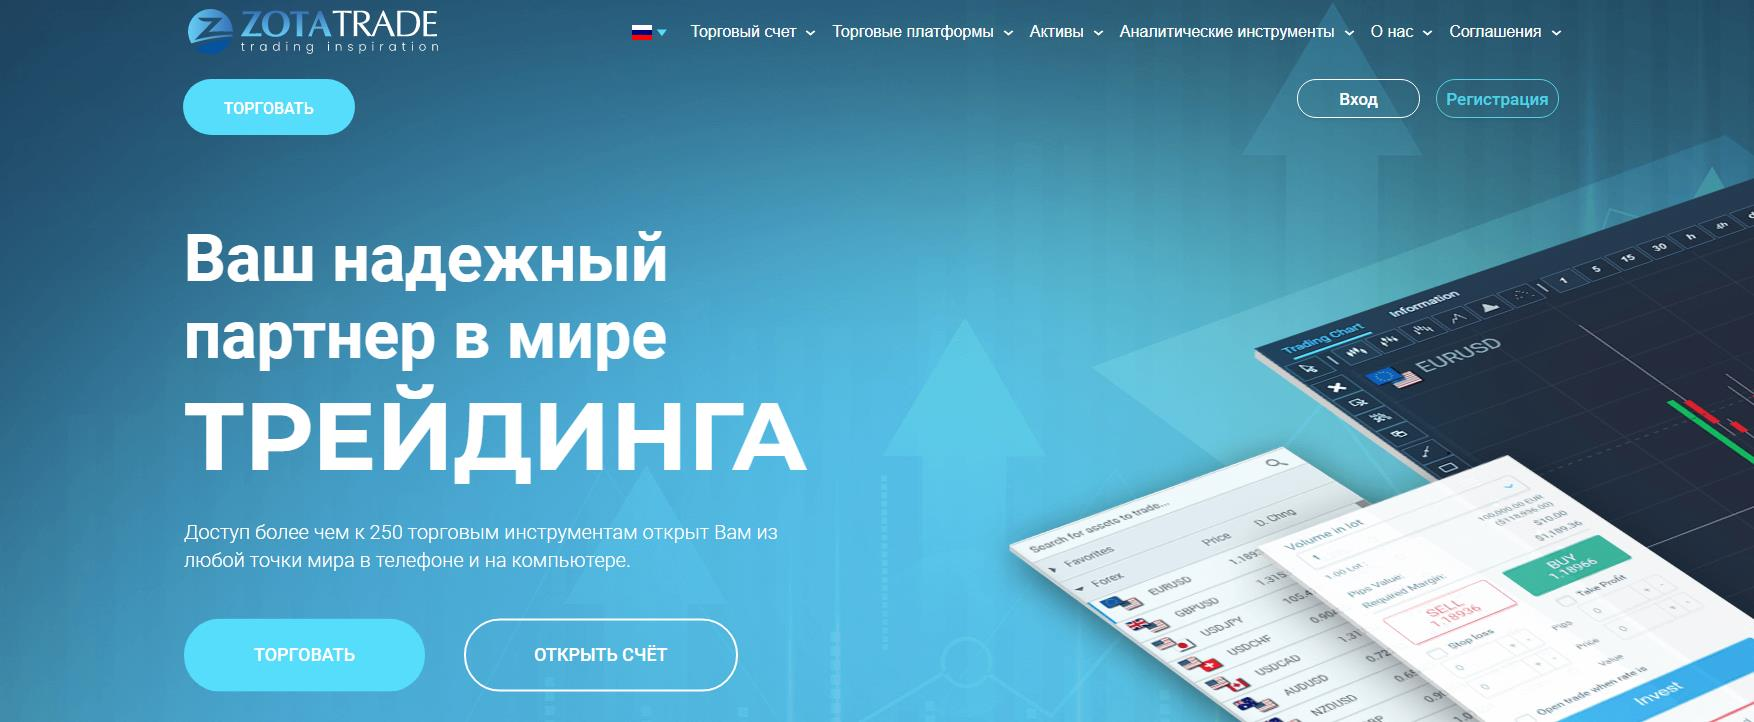 обзор компании zotatrade